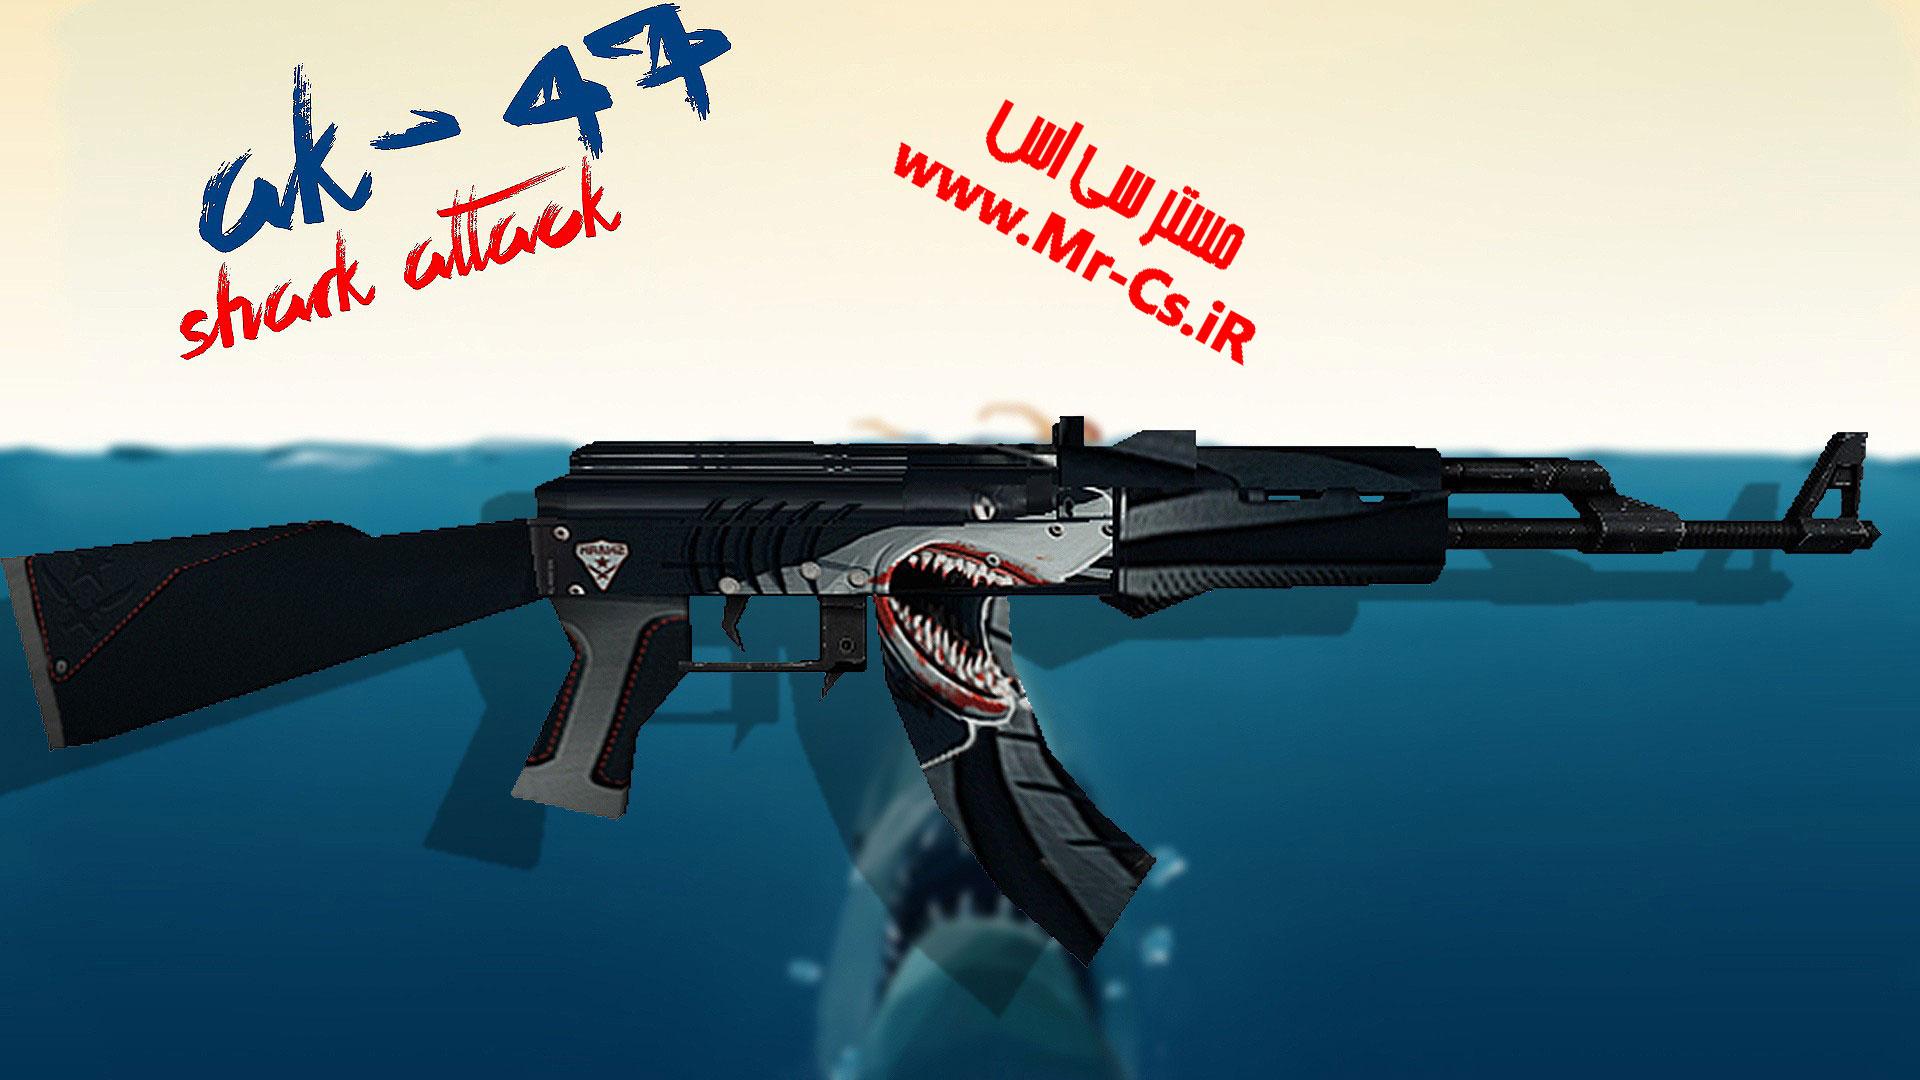 دانلود اسکین زیبای Ak47 | Shark برای سی اس 1.6